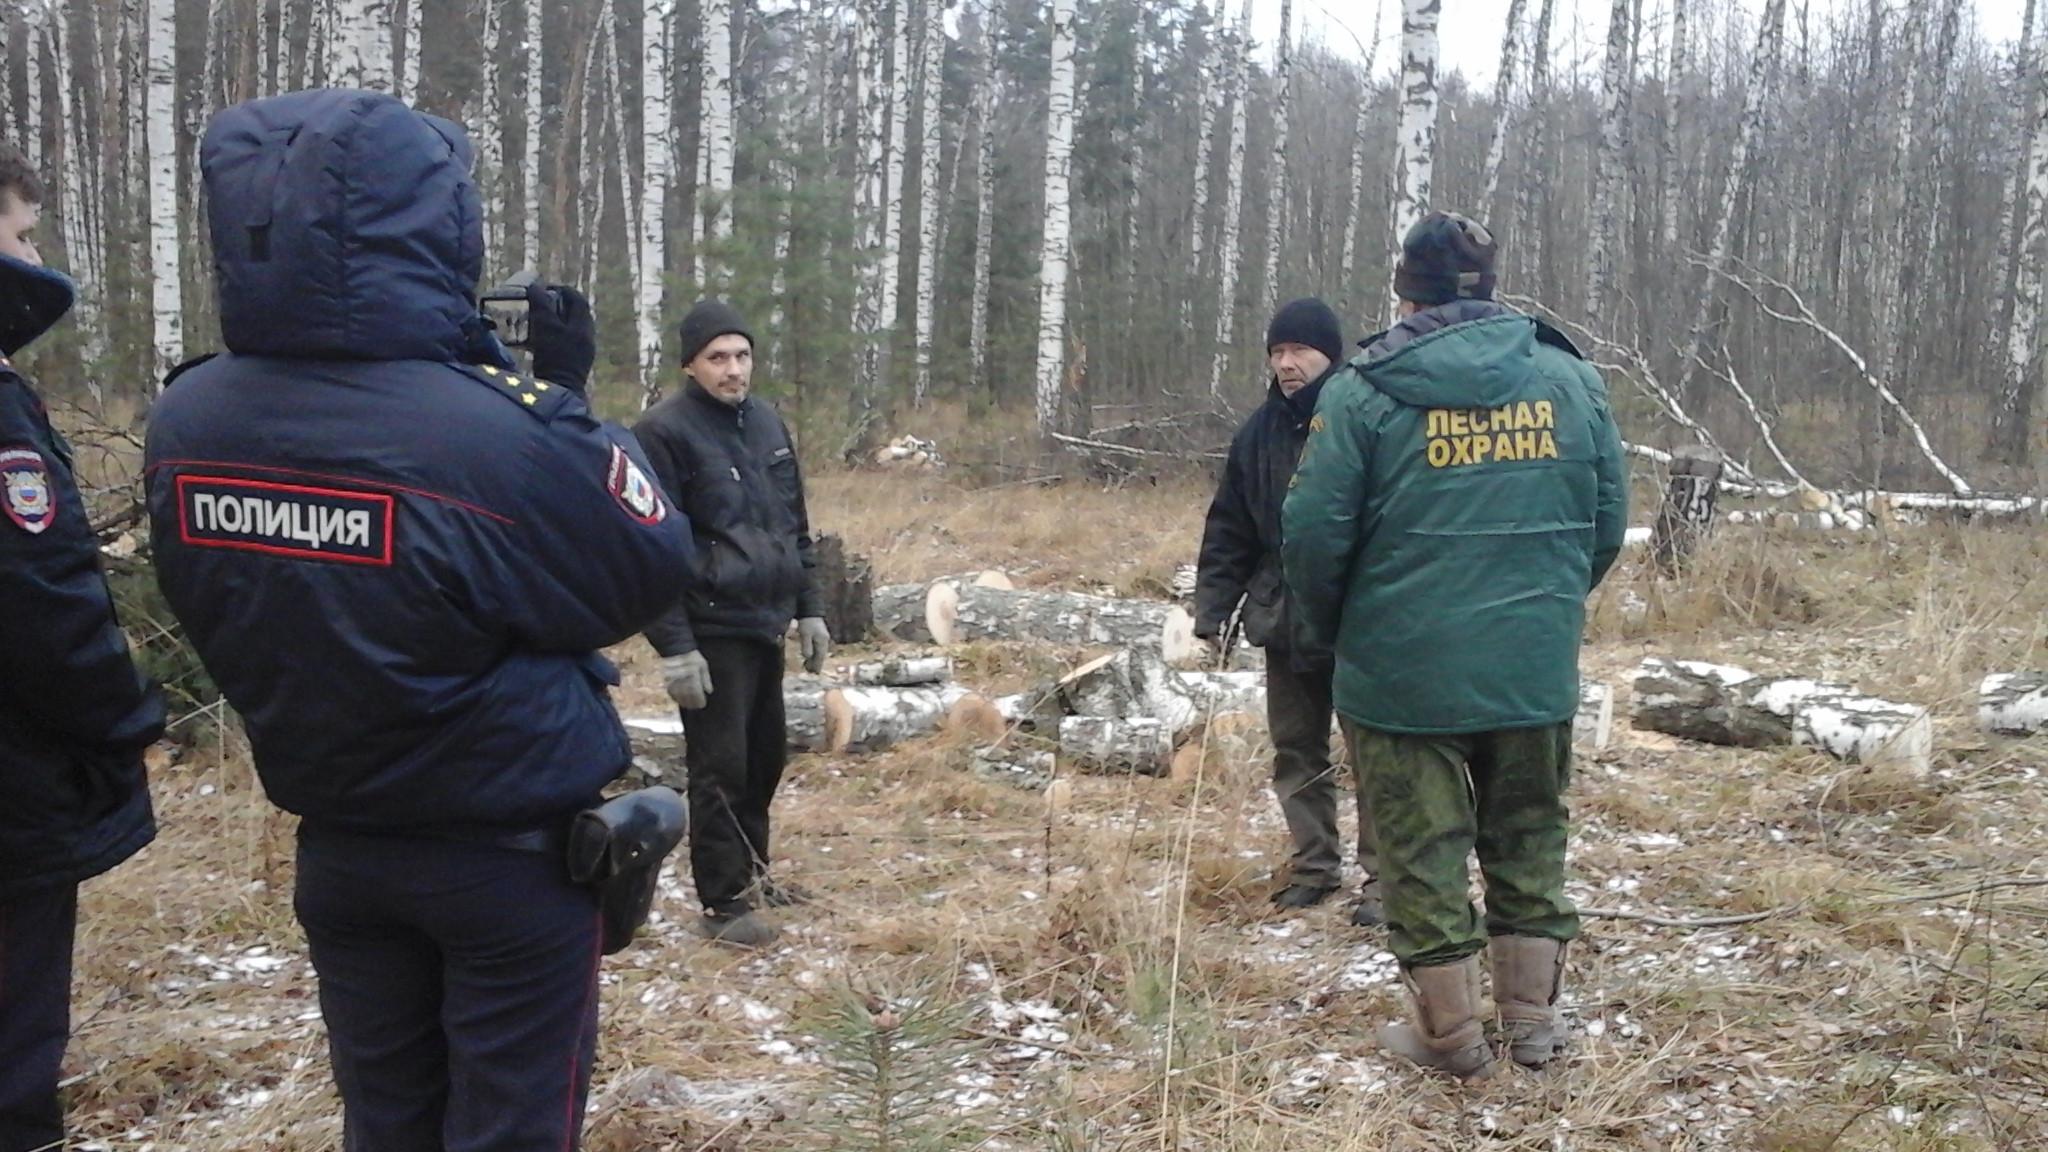 Незаконную рубку деревьев пресекли в Озерском участковом лесничестве